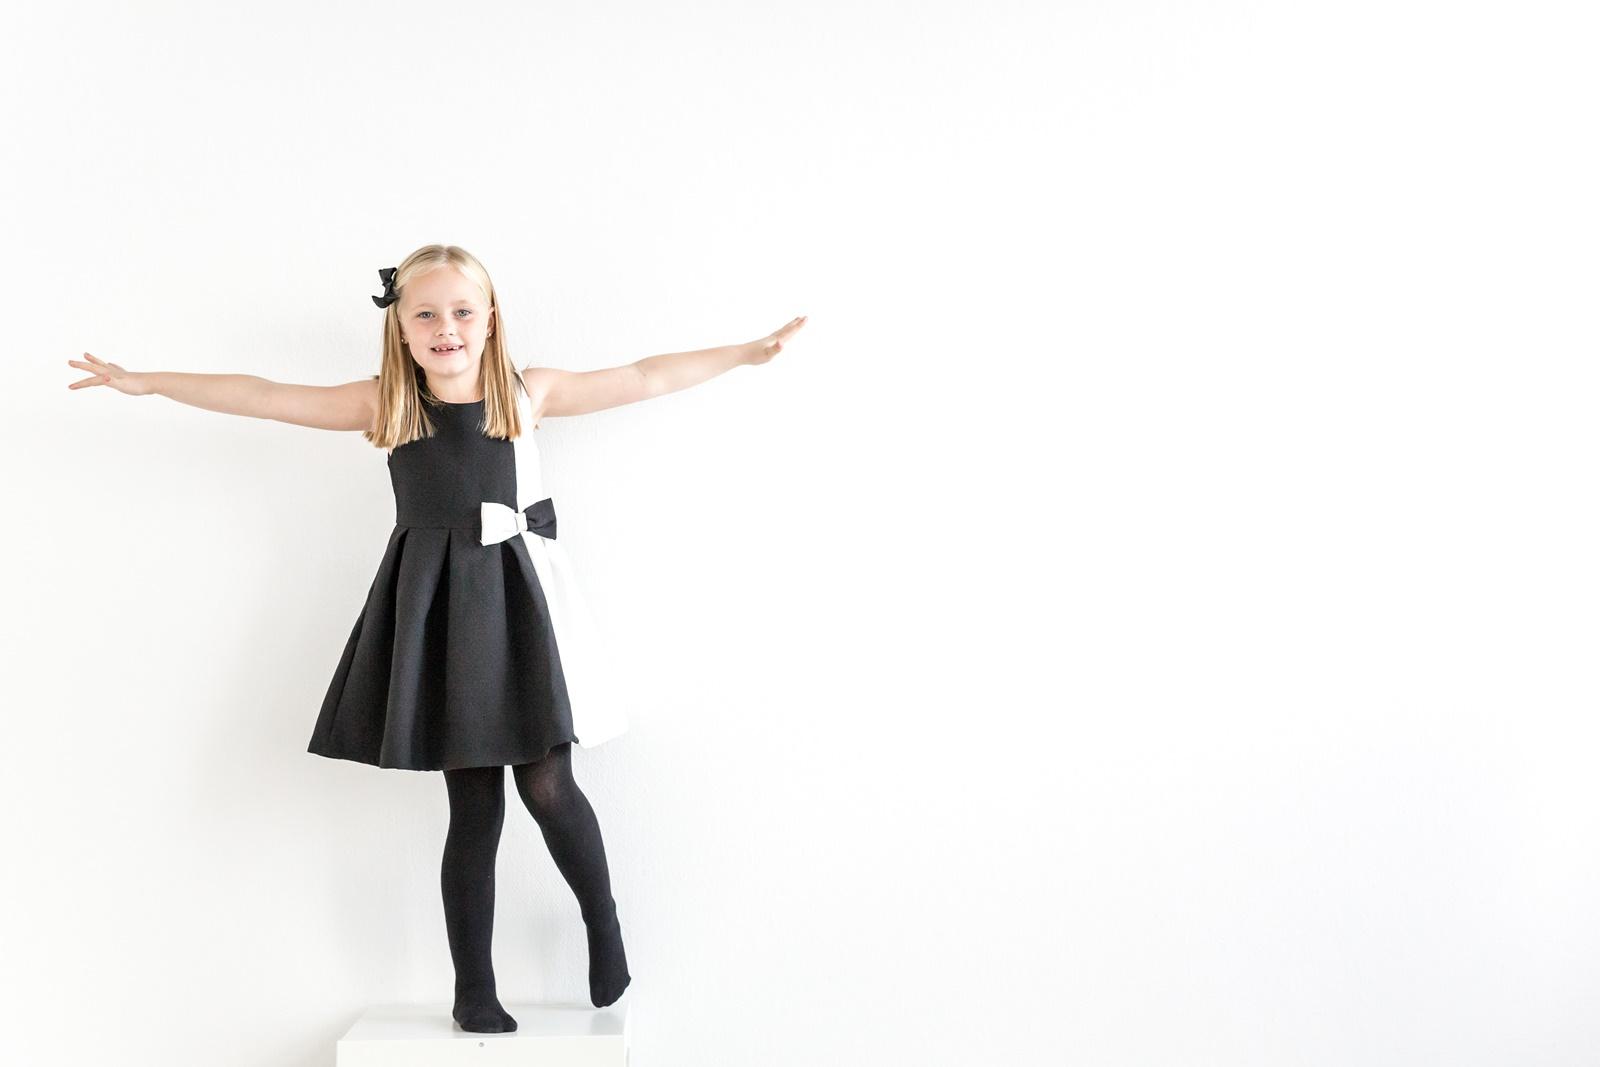 Syskonbus hos Fröken Foto 2018, fotograf Malin Richardsson Skene  (50).jpg